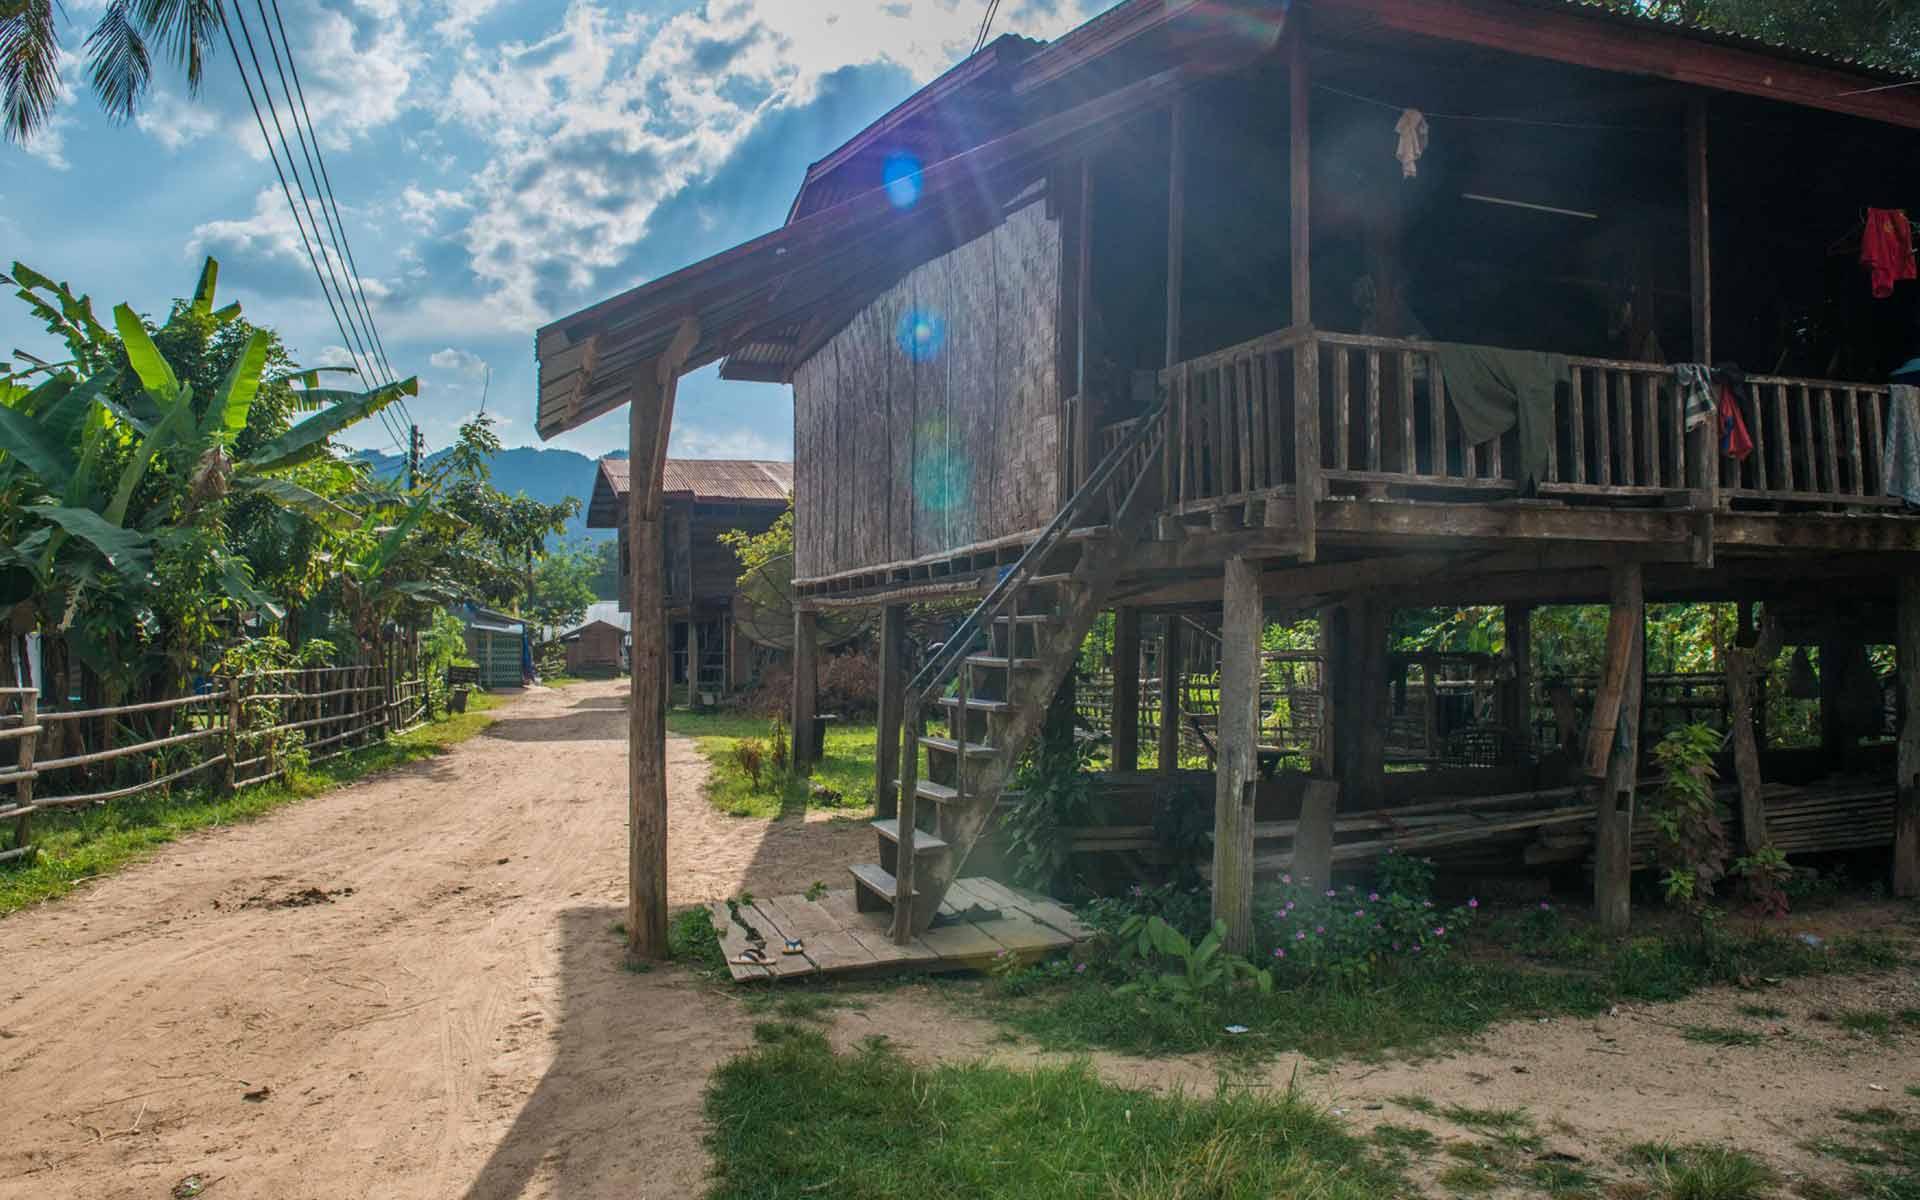 house on stilts in Konglor Village